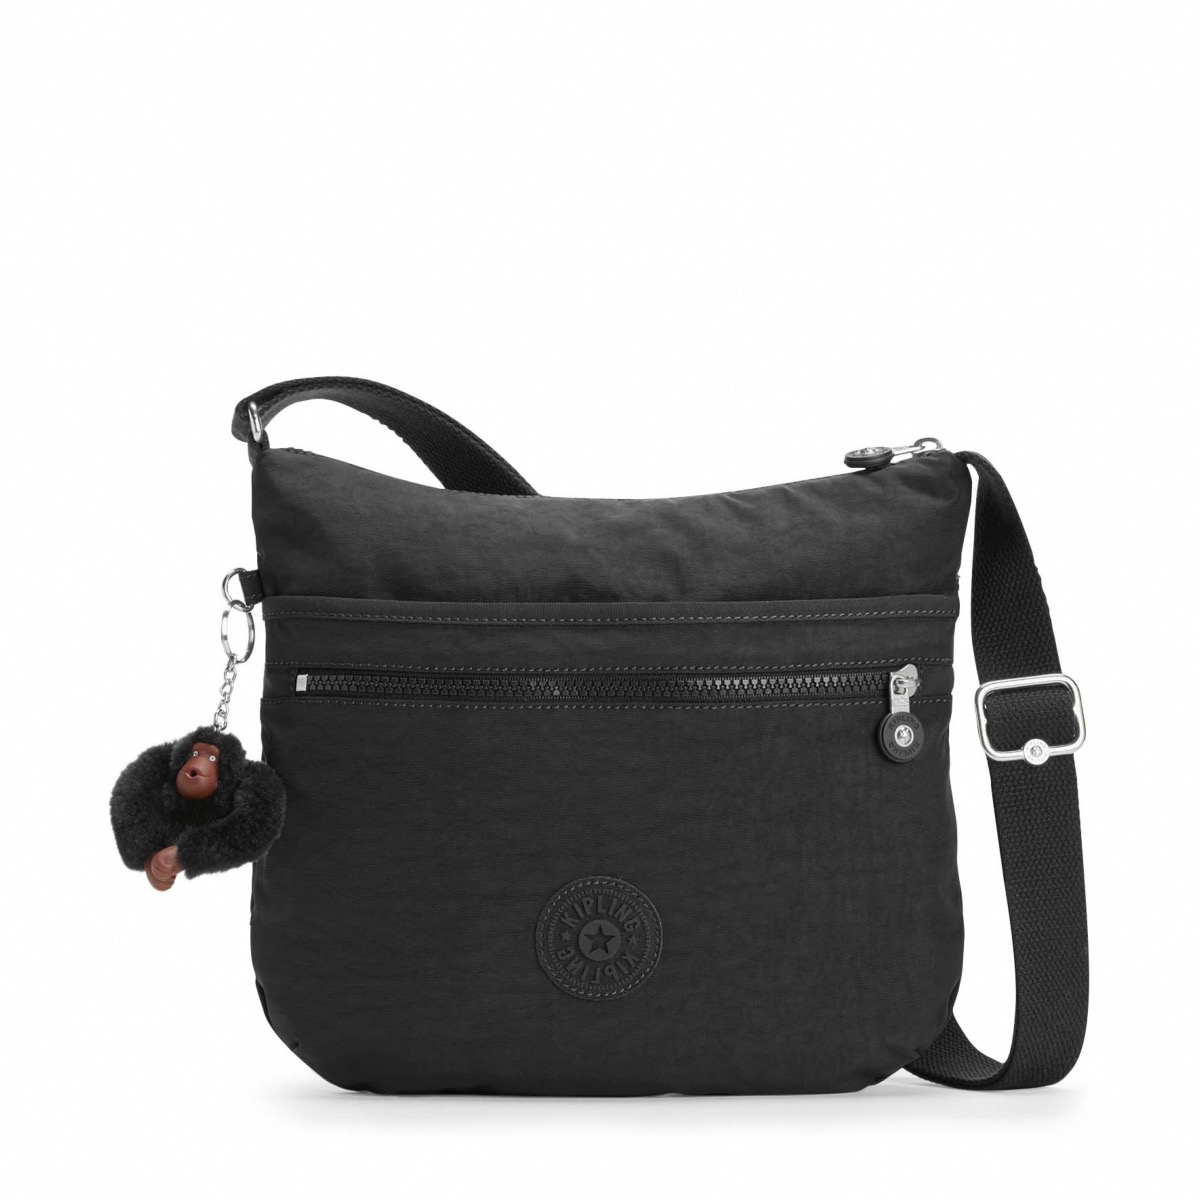 ee60a8d7743e9 Kipling Arto Shoulder Bag Cross Body Bag True Black